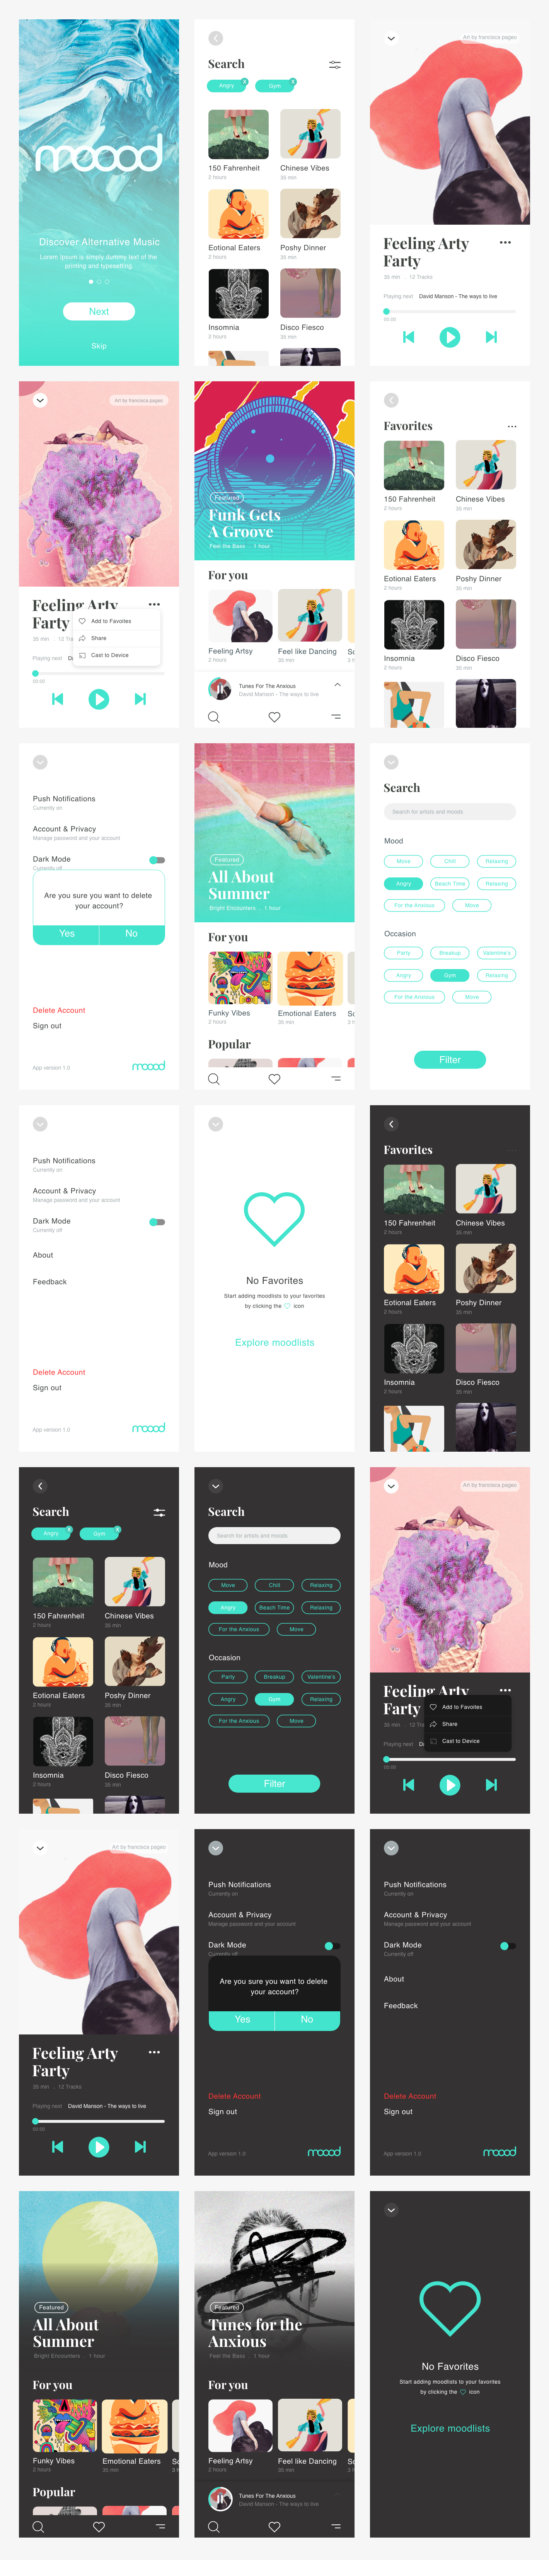 Moood Music App UI Kit for Adobe XD from UIGarage